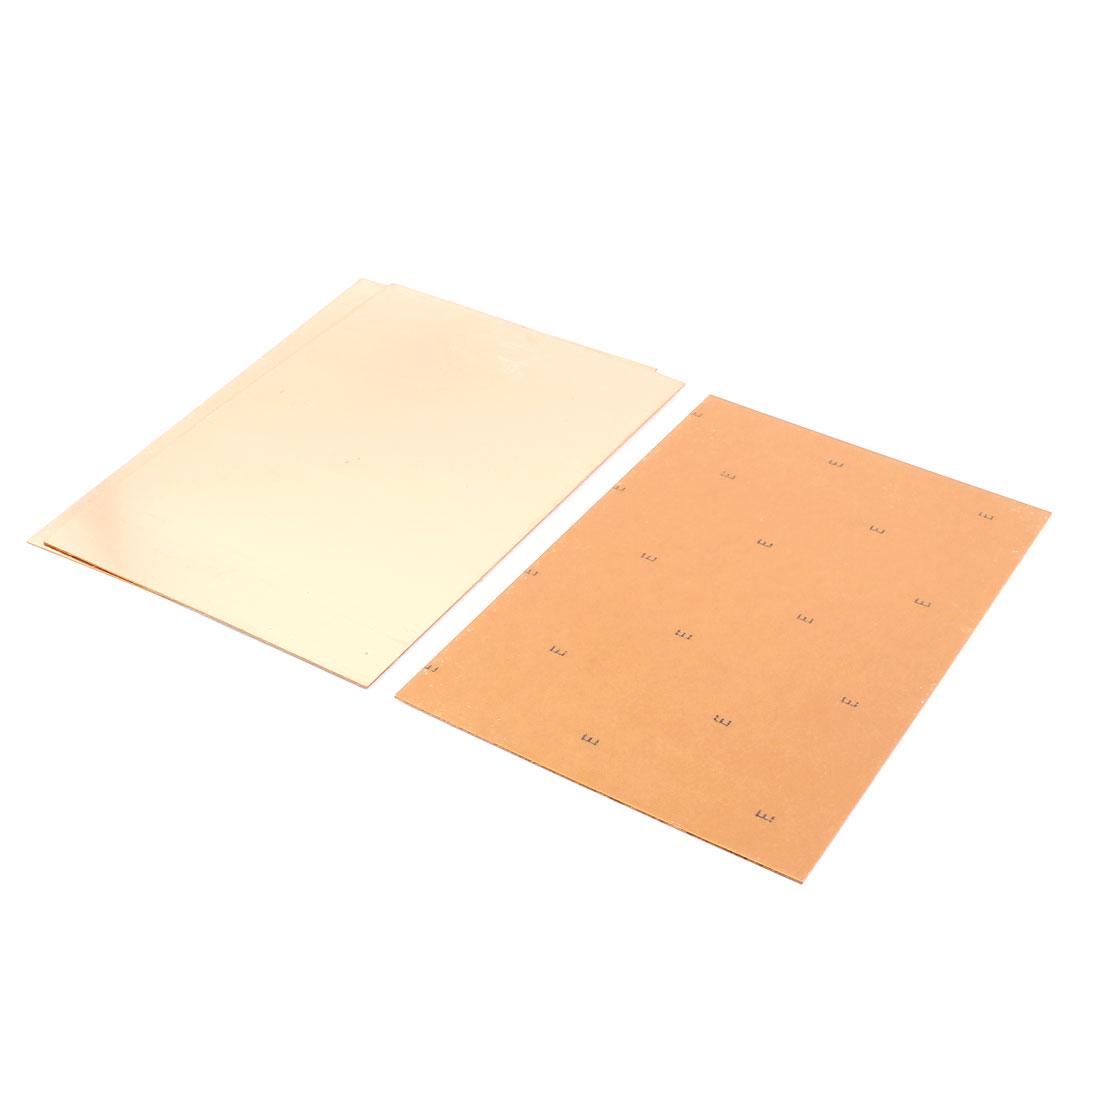 3pcs 20cm x 30cm Single Side Stable PCB Copper Clad Laminate Board FR4